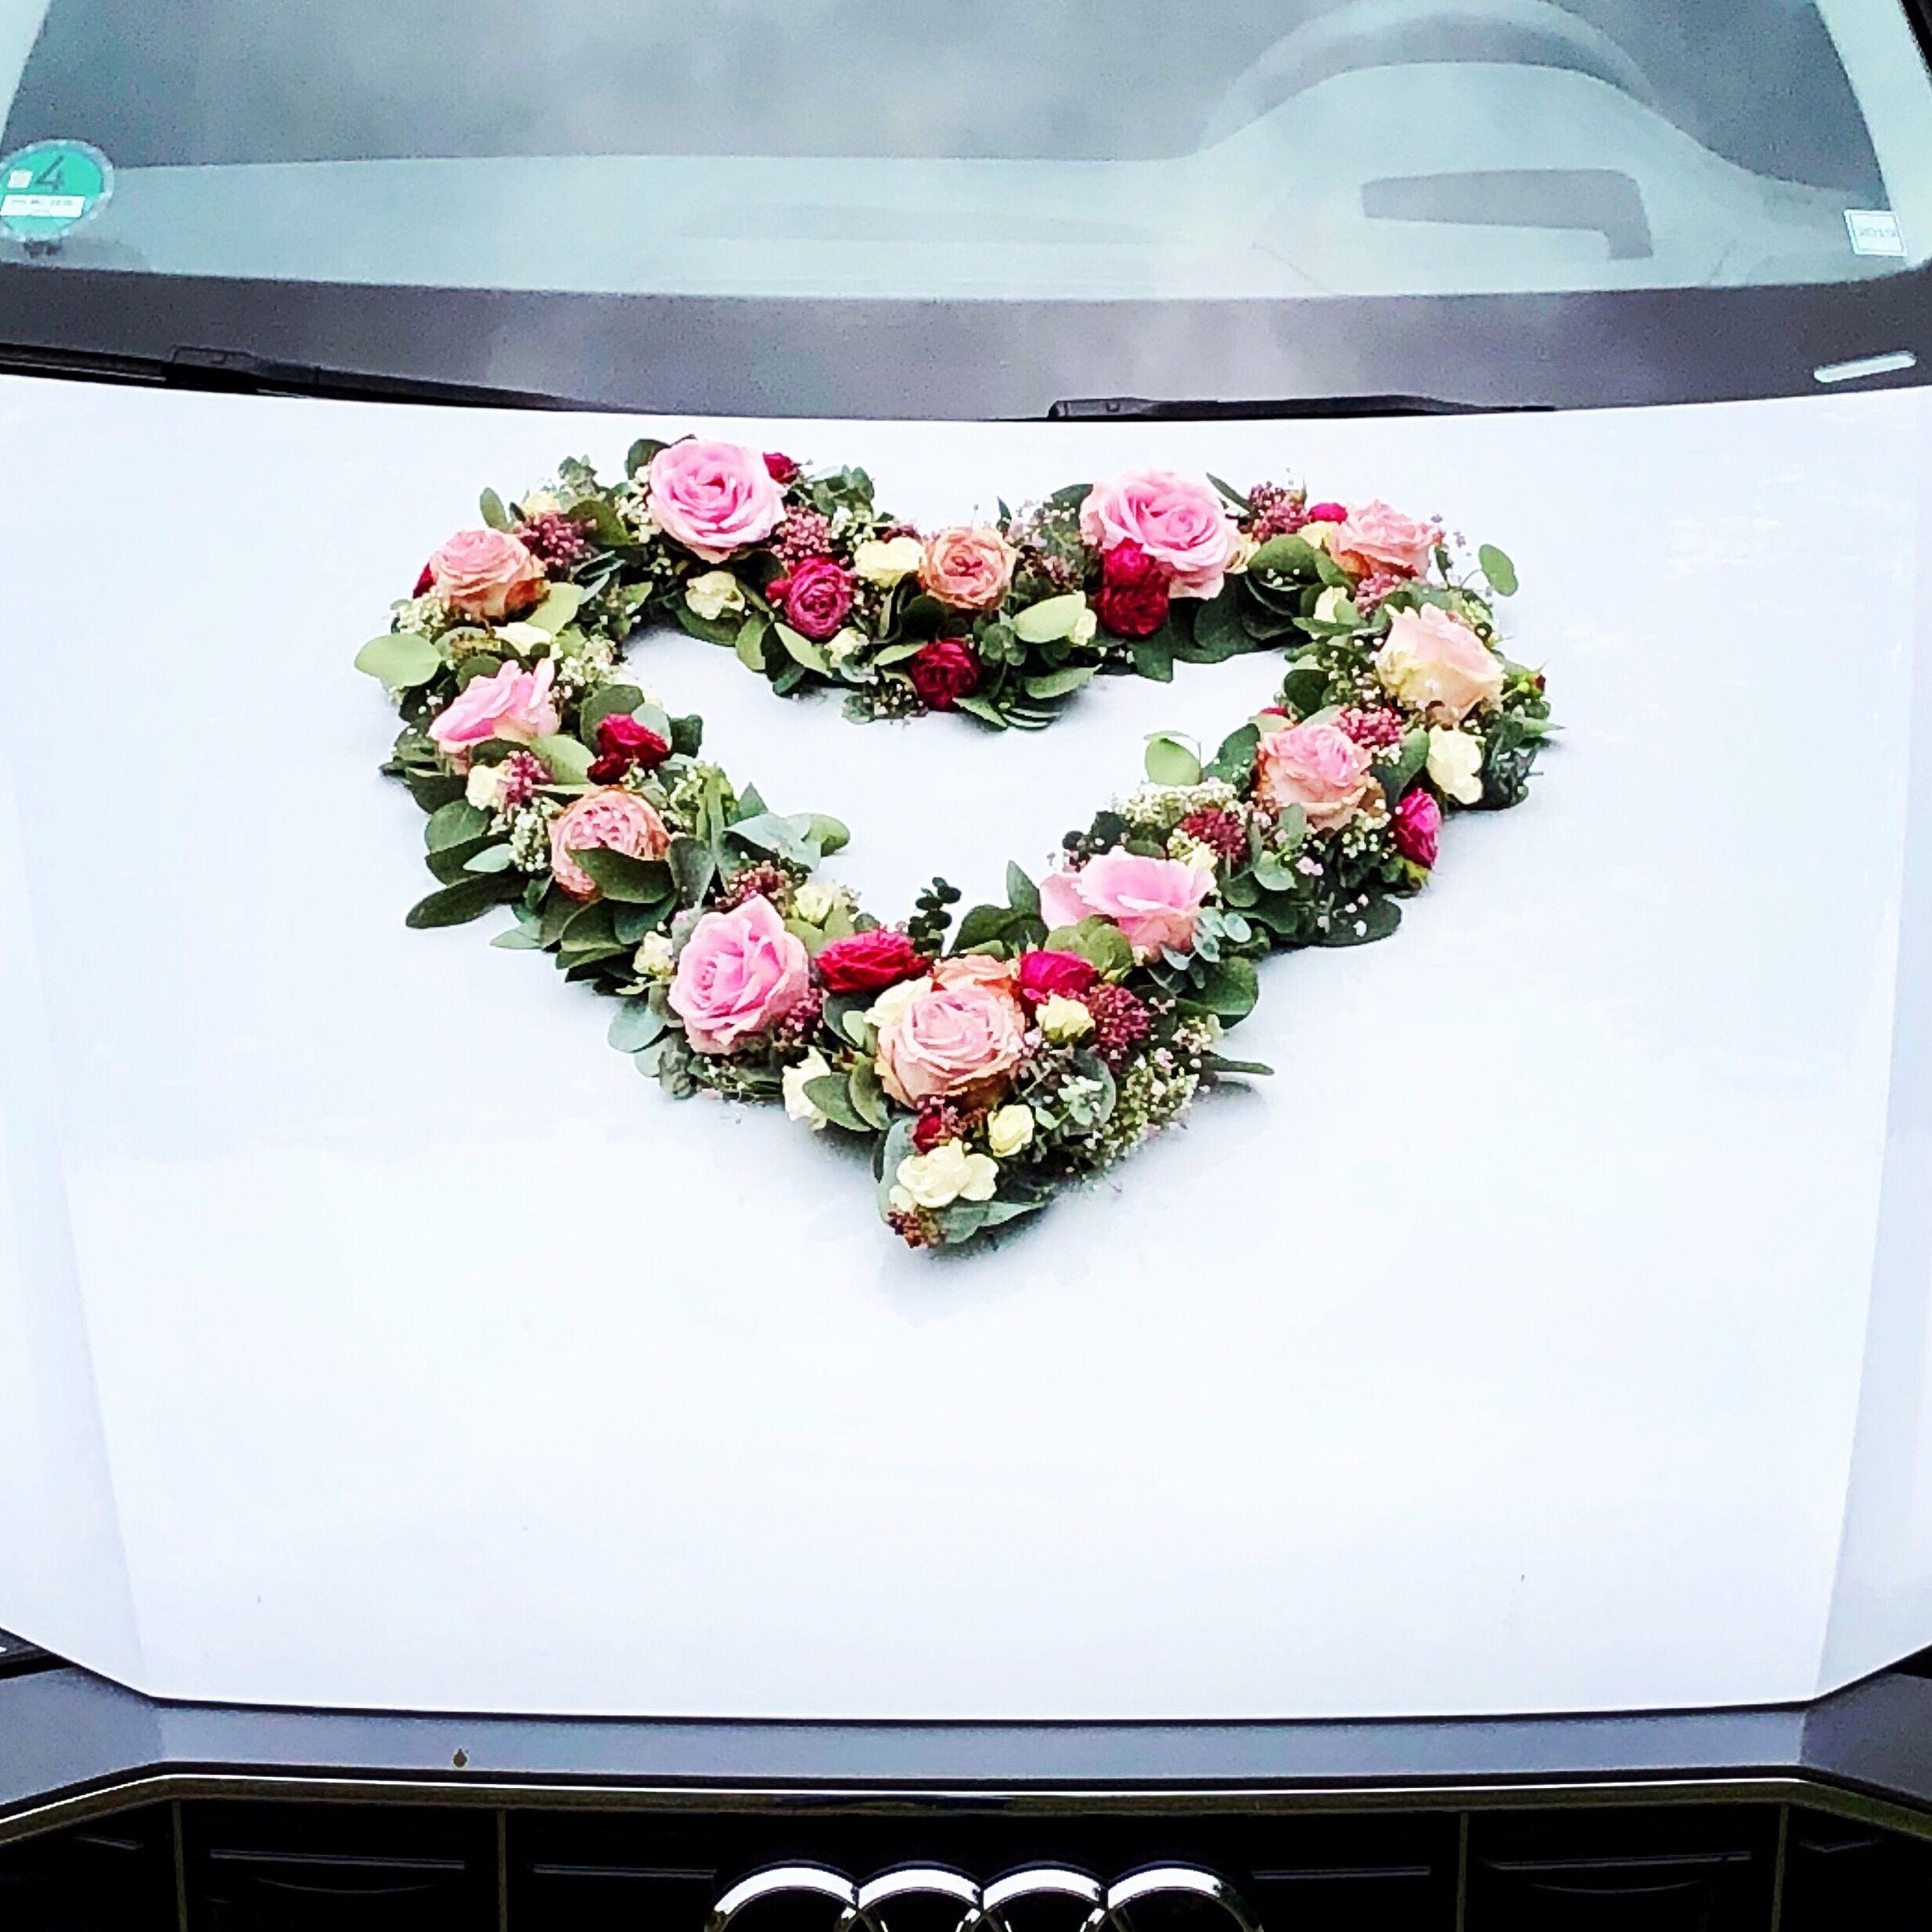 Hochzeit schmücken auto Das Hochzeitsauto